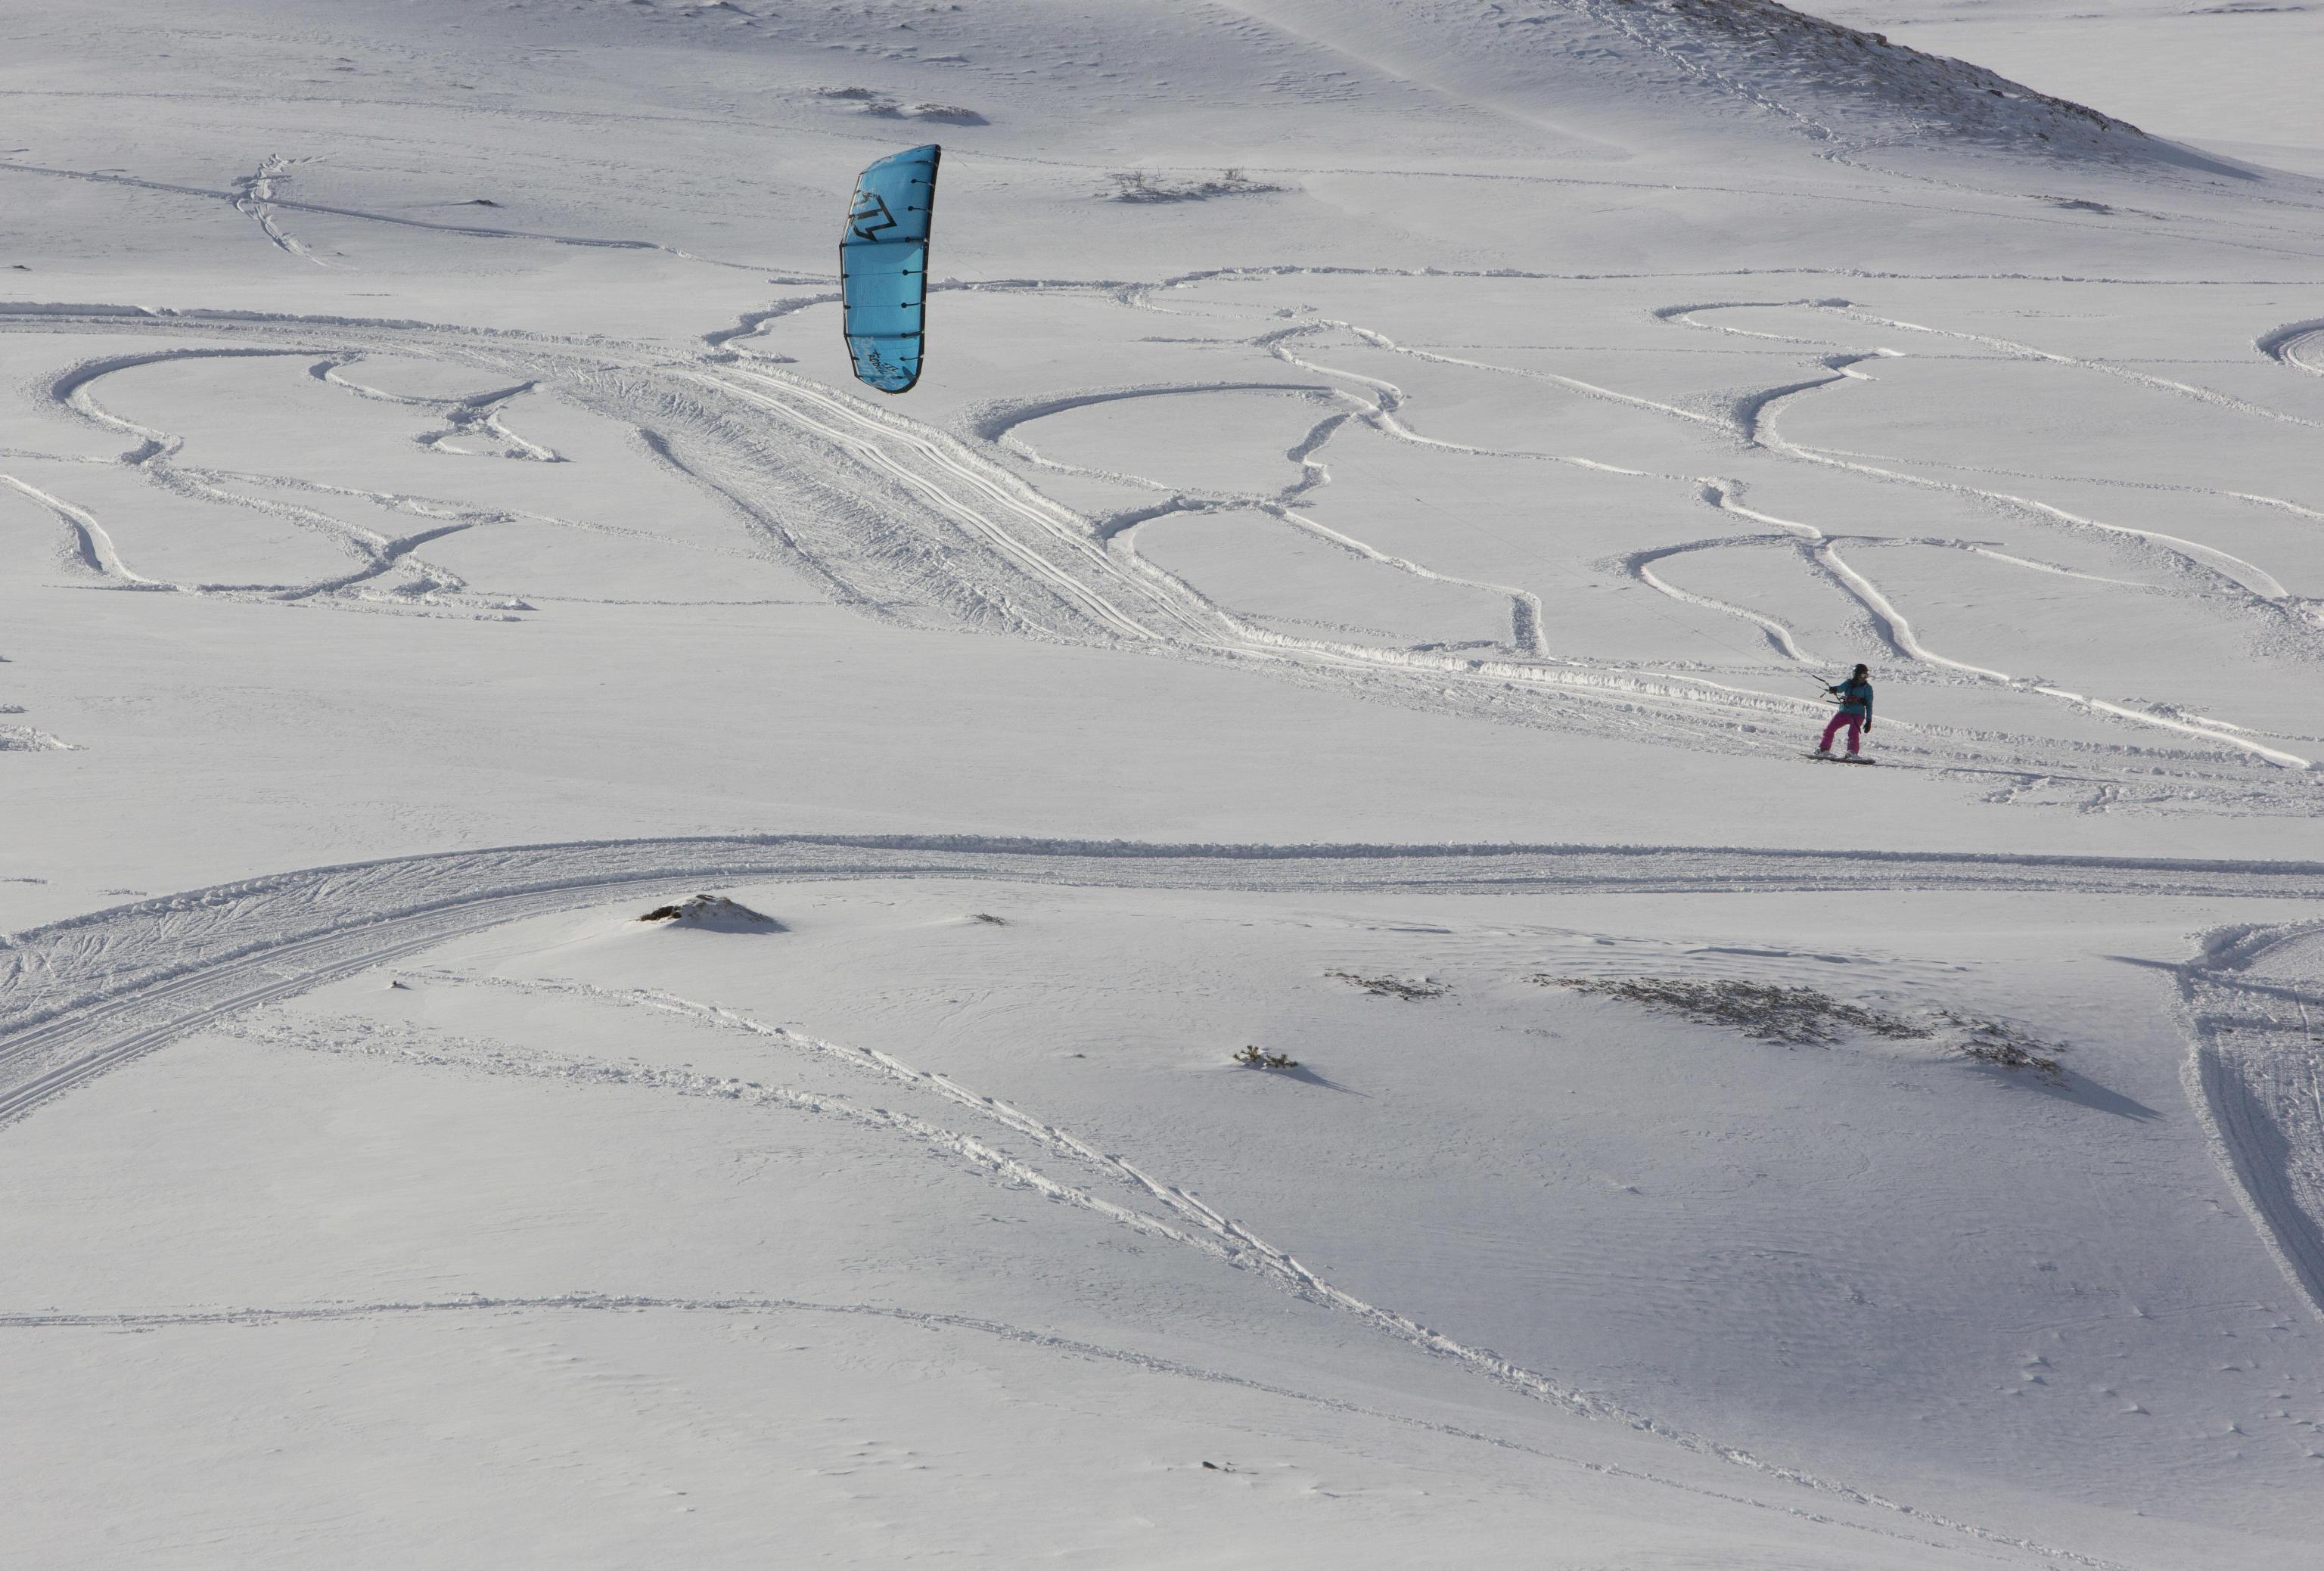 Un uomo fa snowkiting sulla neve a Piani di Pezza, vicino a Rocca di Mezzo, in Abruzzo